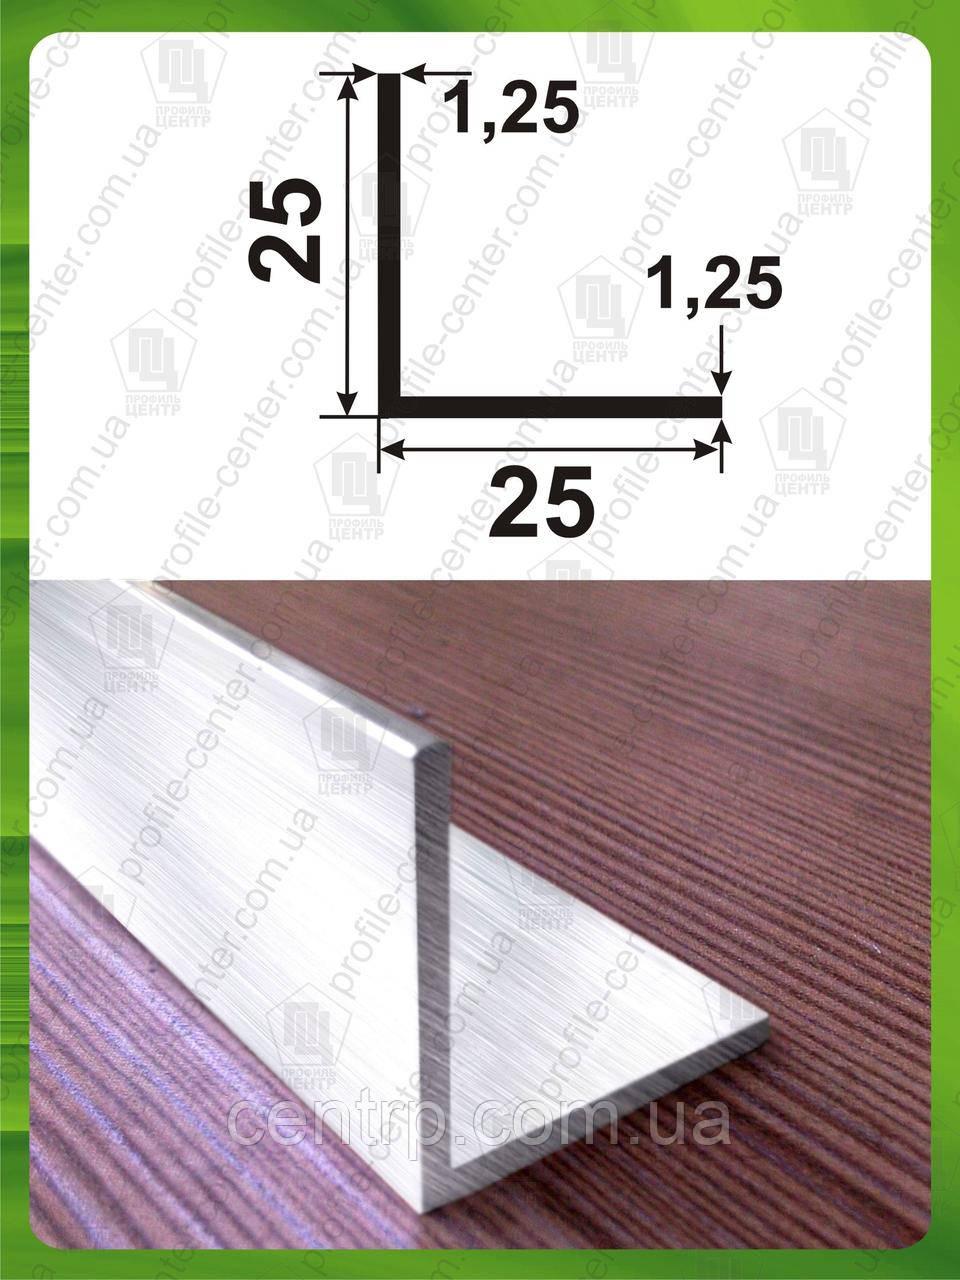 Уголок алюминиевый равнополочный (равносторонний) 25*25*1,25